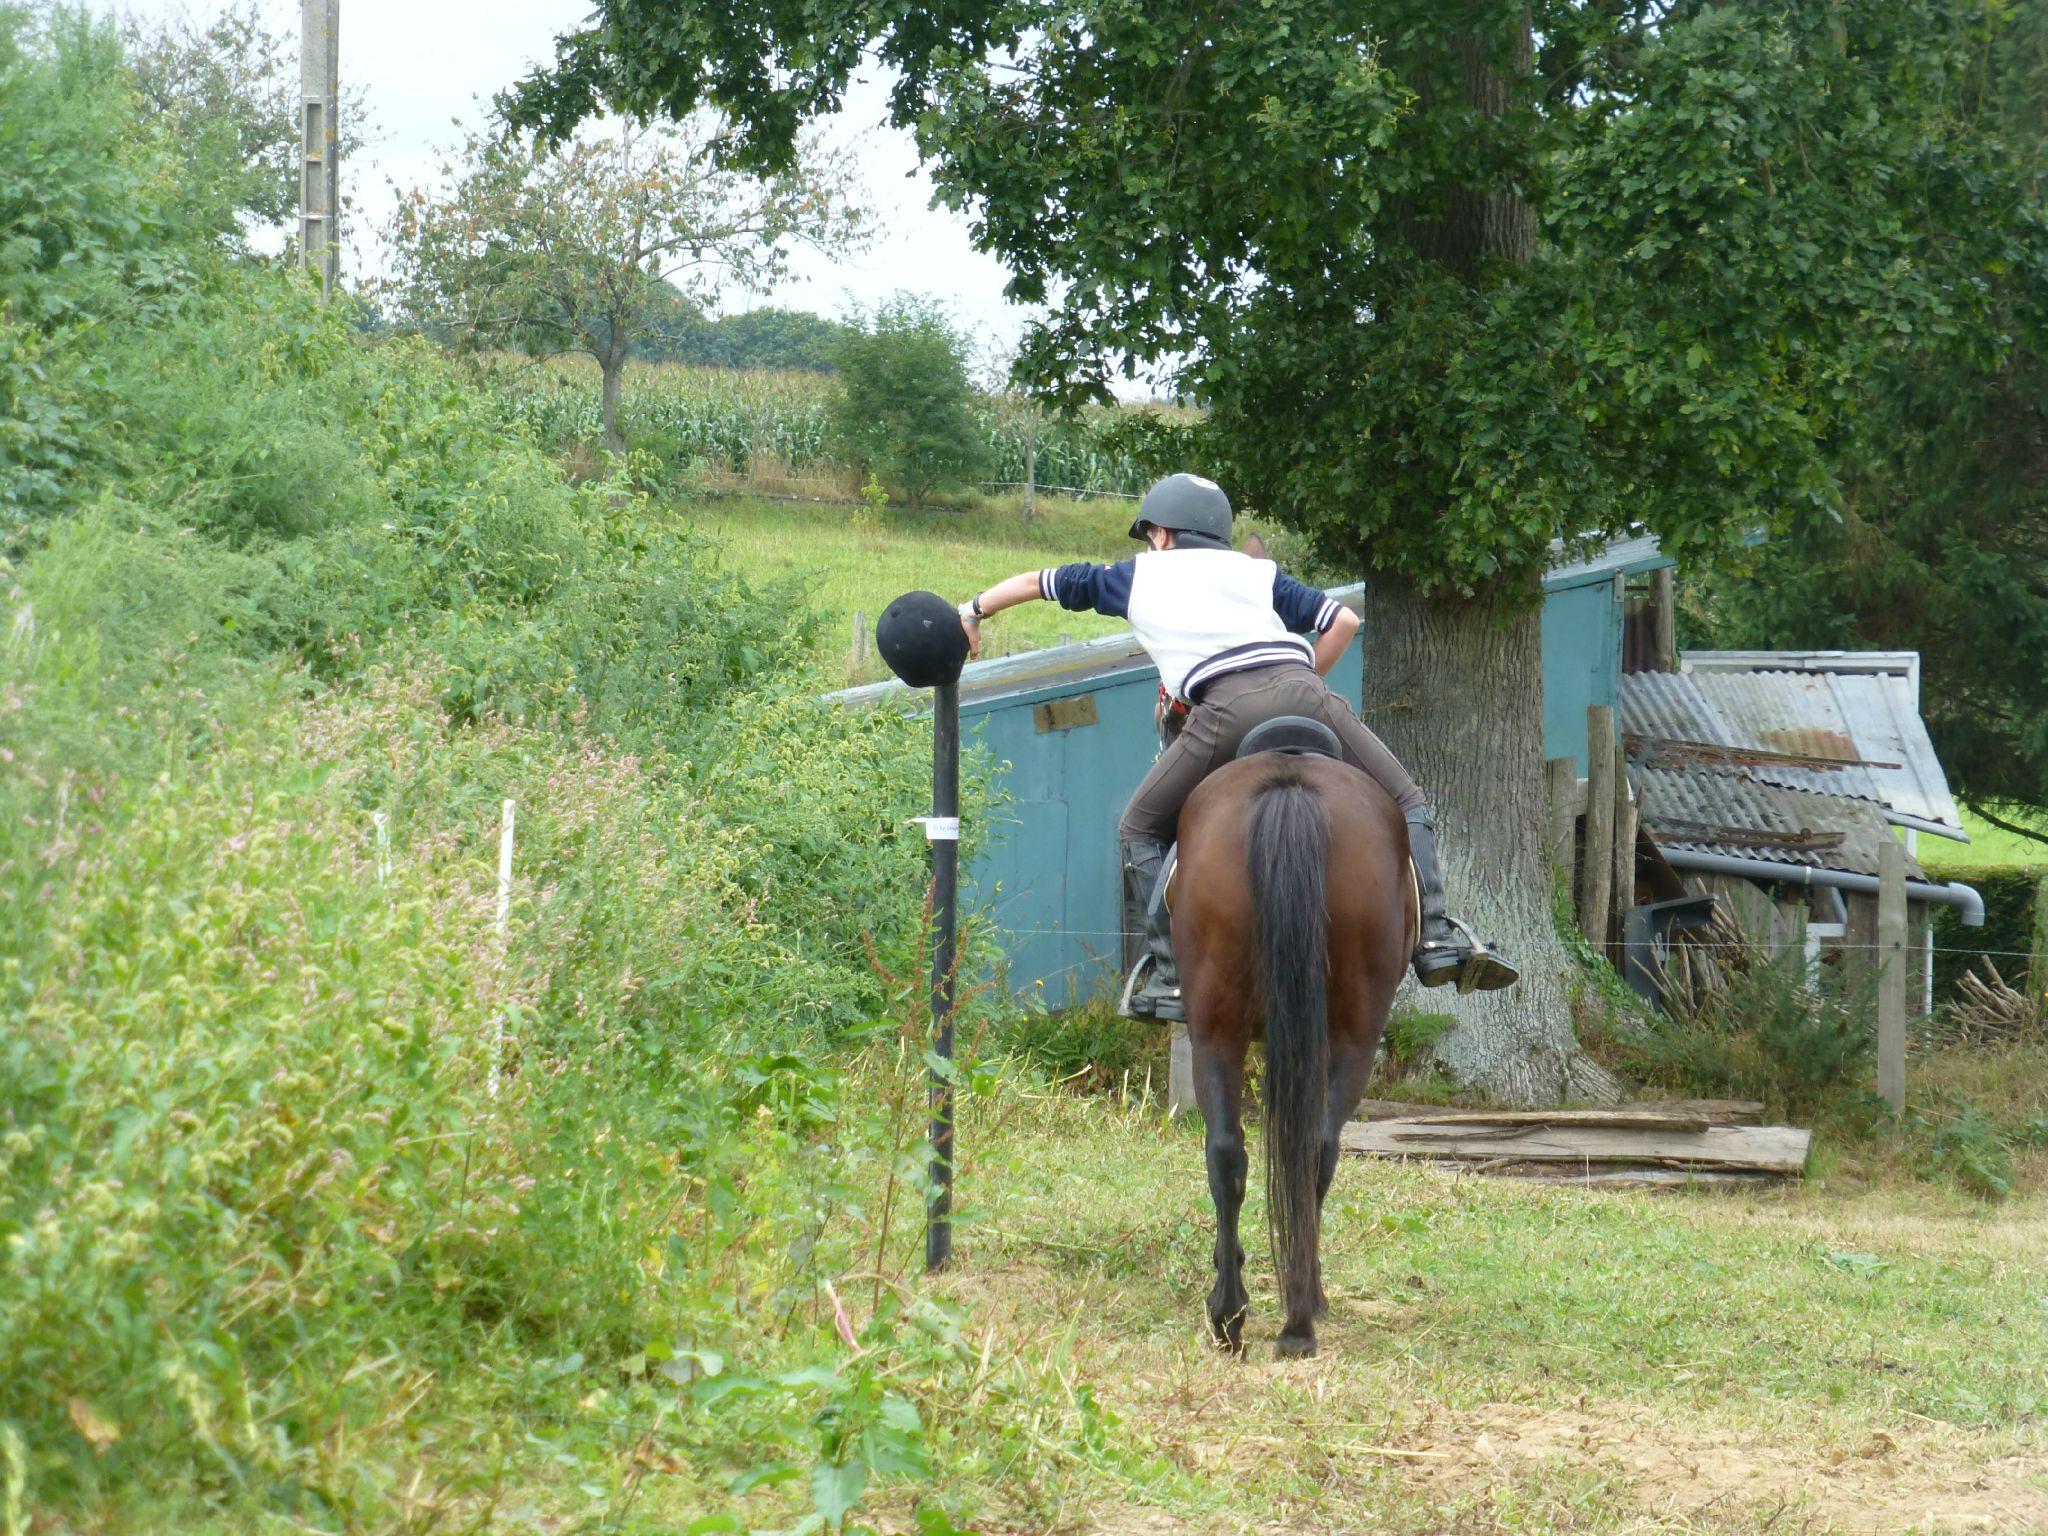 Jeux équestres manchots - parcours de pleine nature après-midi (310)